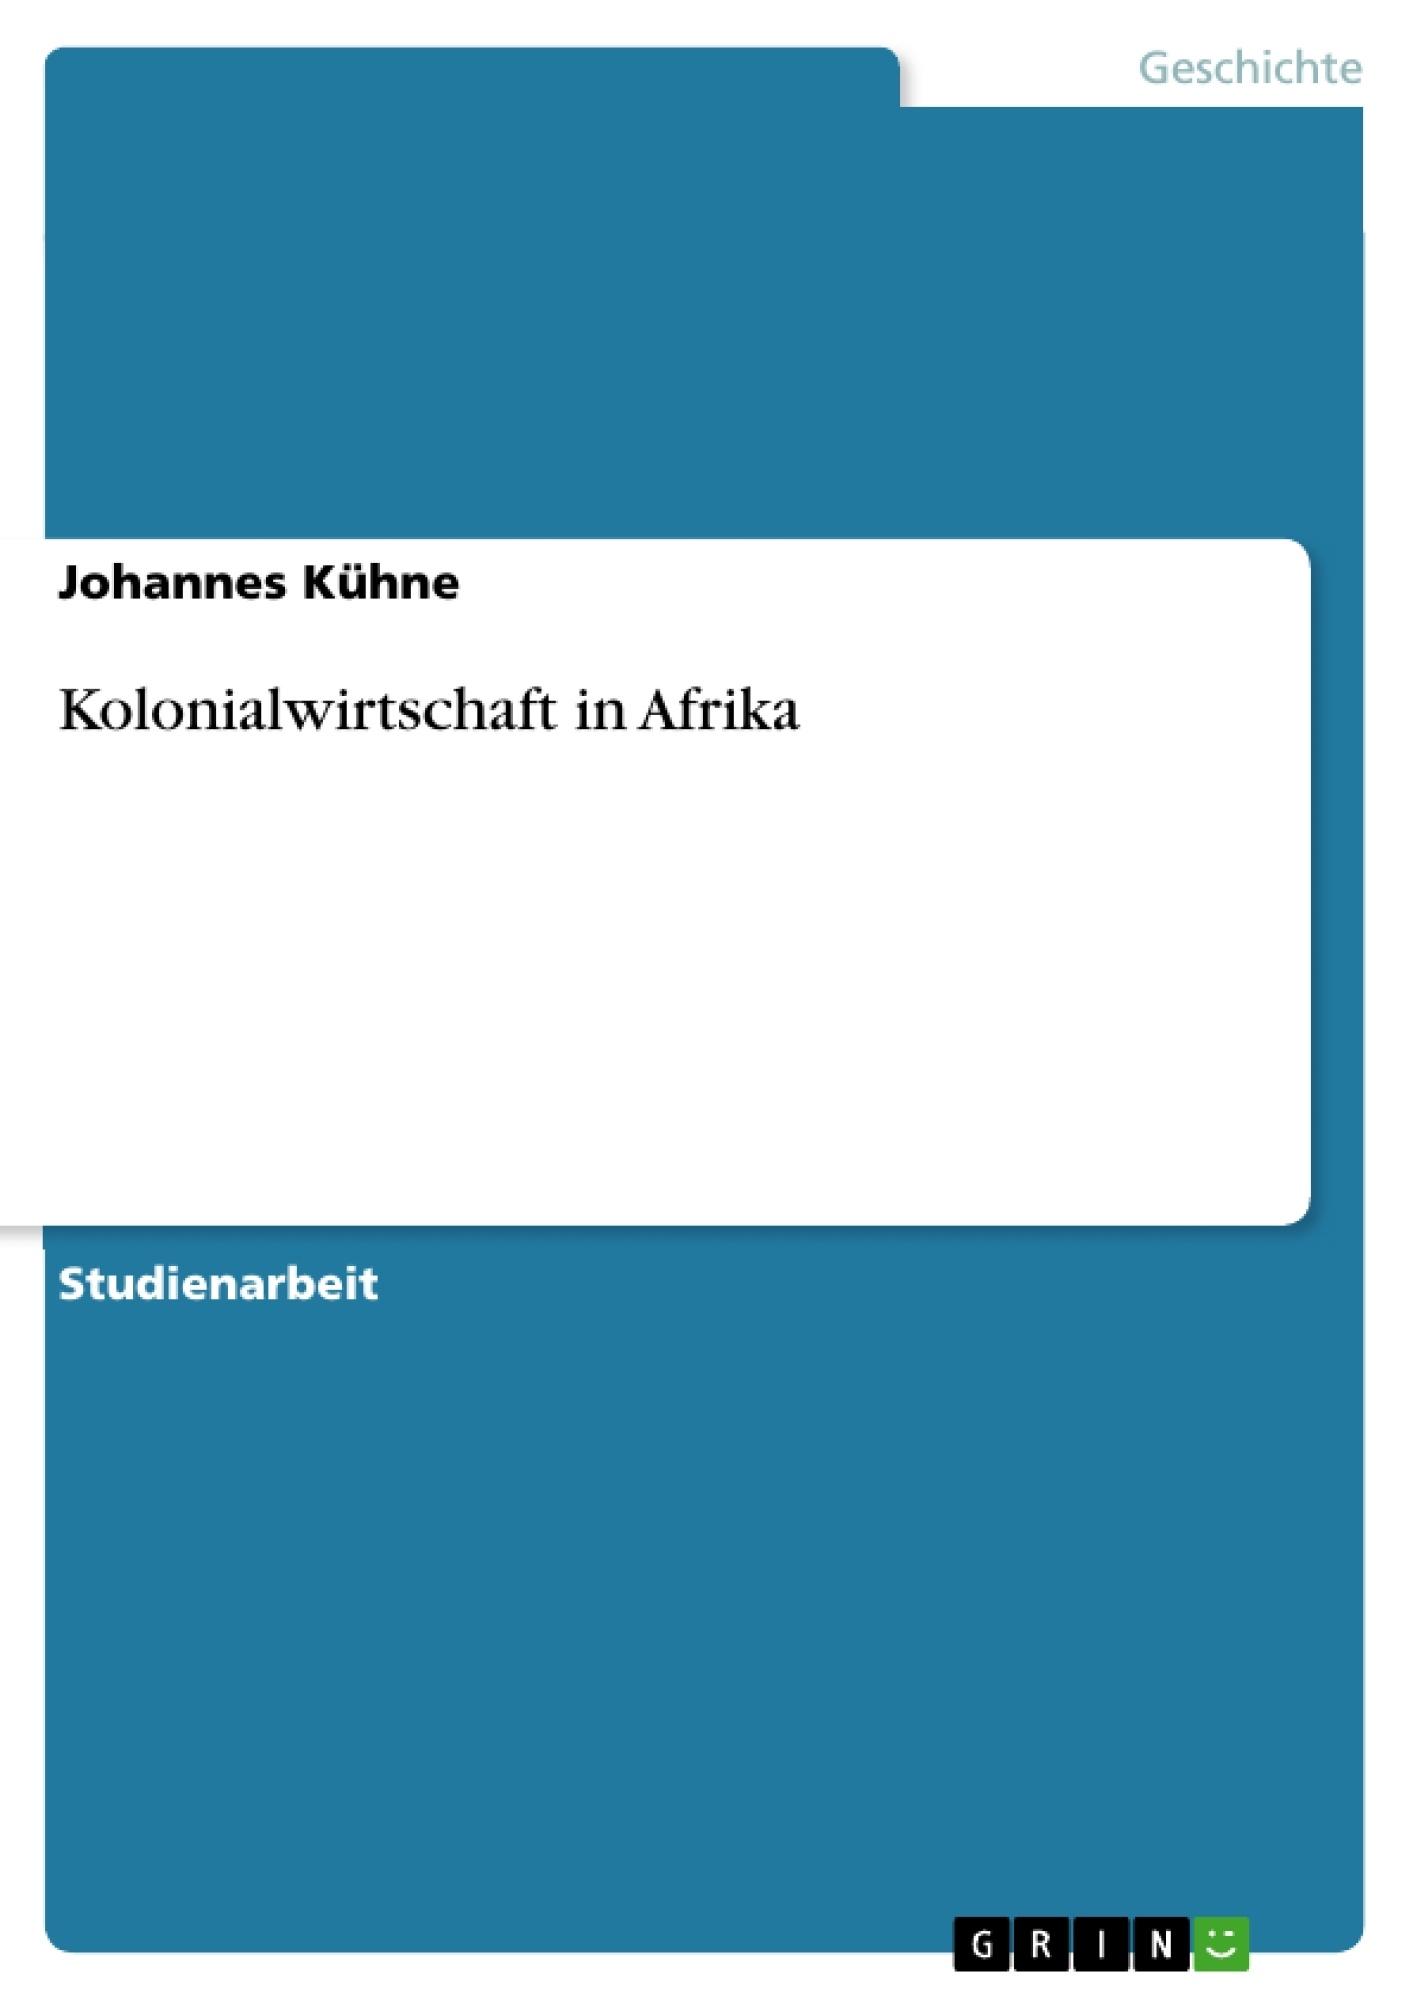 Titel: Kolonialwirtschaft in Afrika